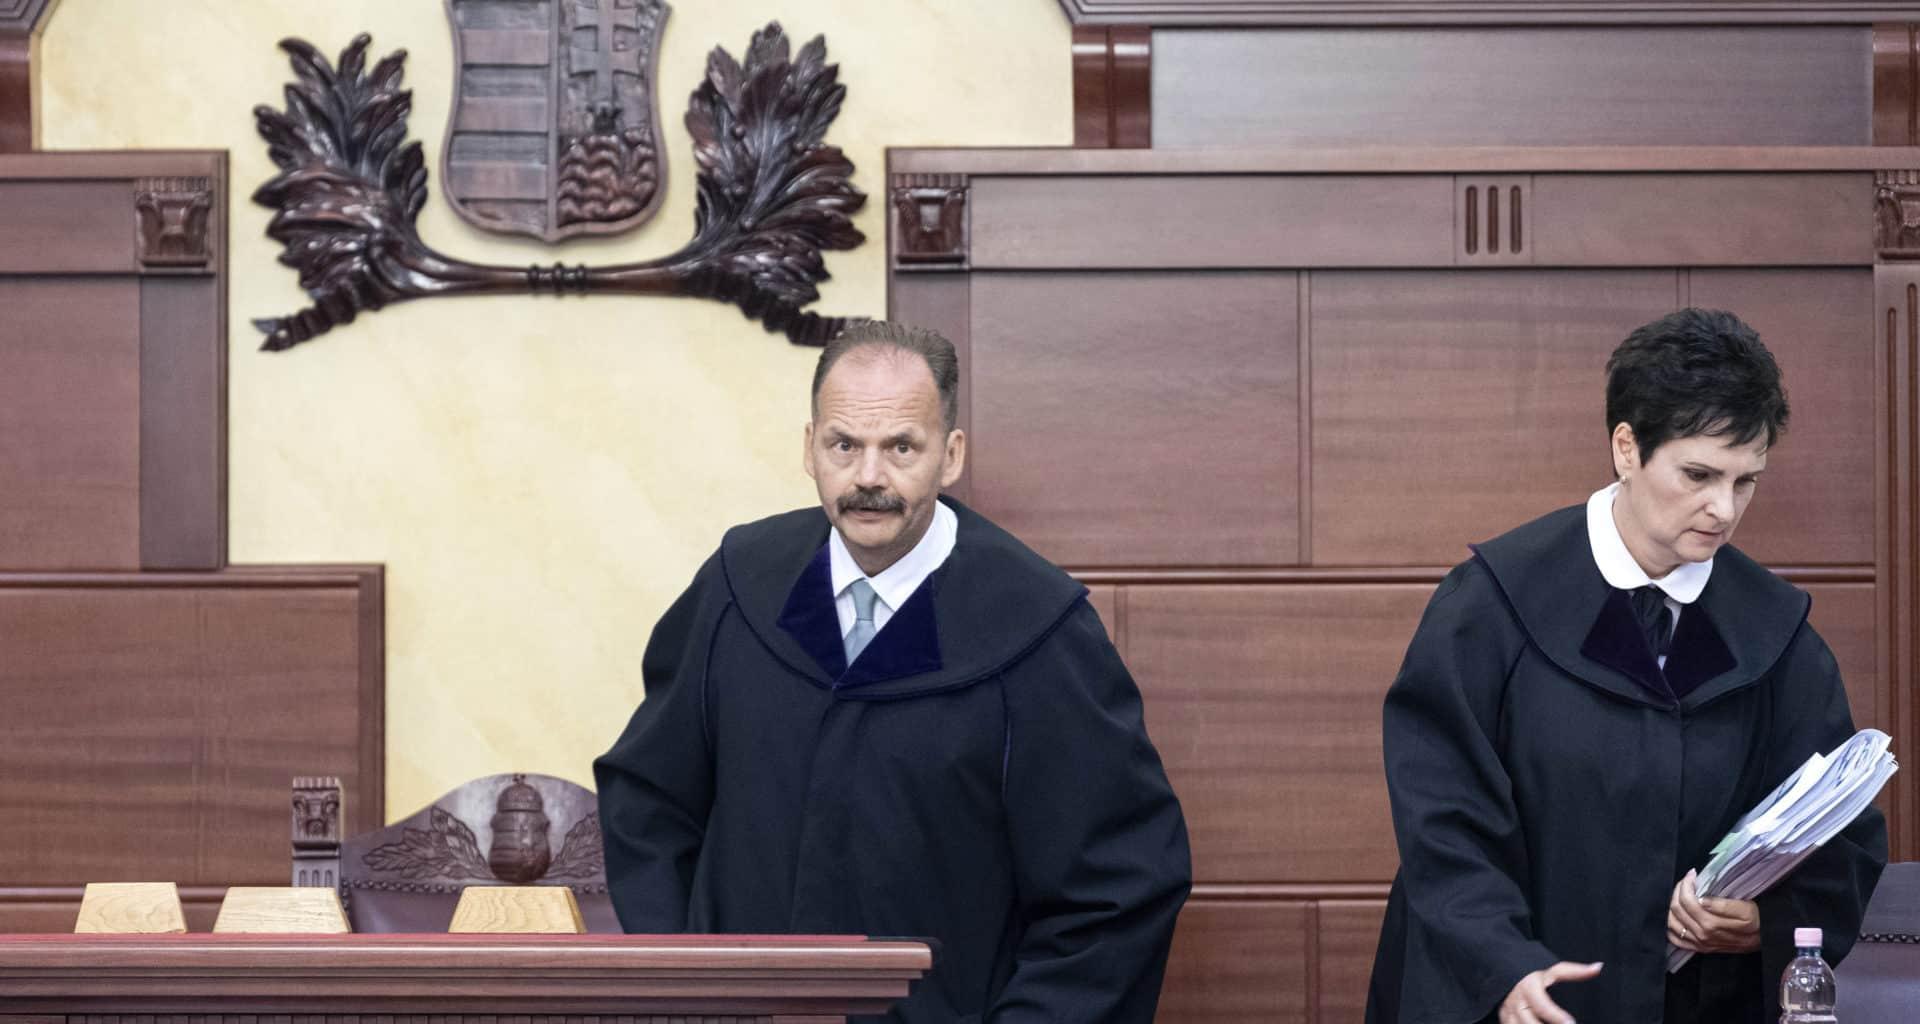 the Kuria, Hungary's supreme court